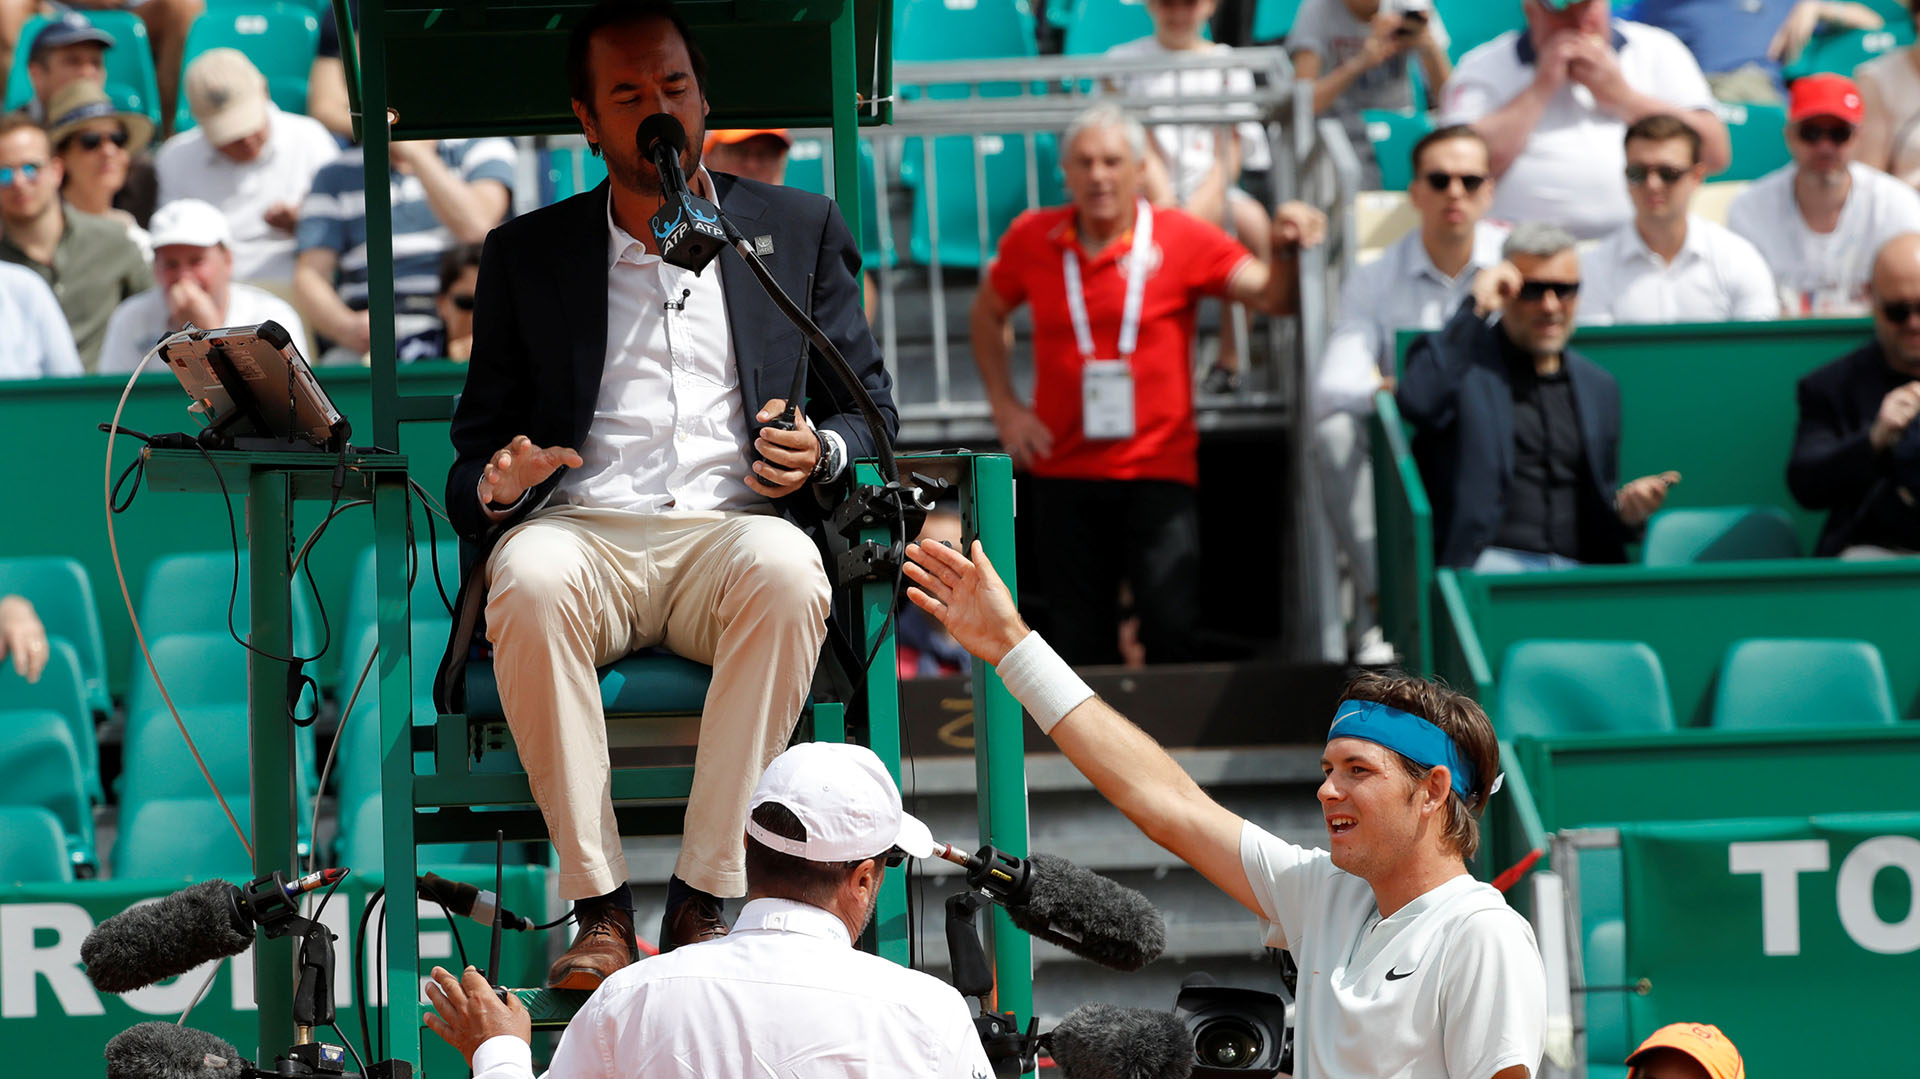 Al final de partido, Jared Donaldsonsaludó con mala cara al juez de silla Arnaud Gabas (Reuters)